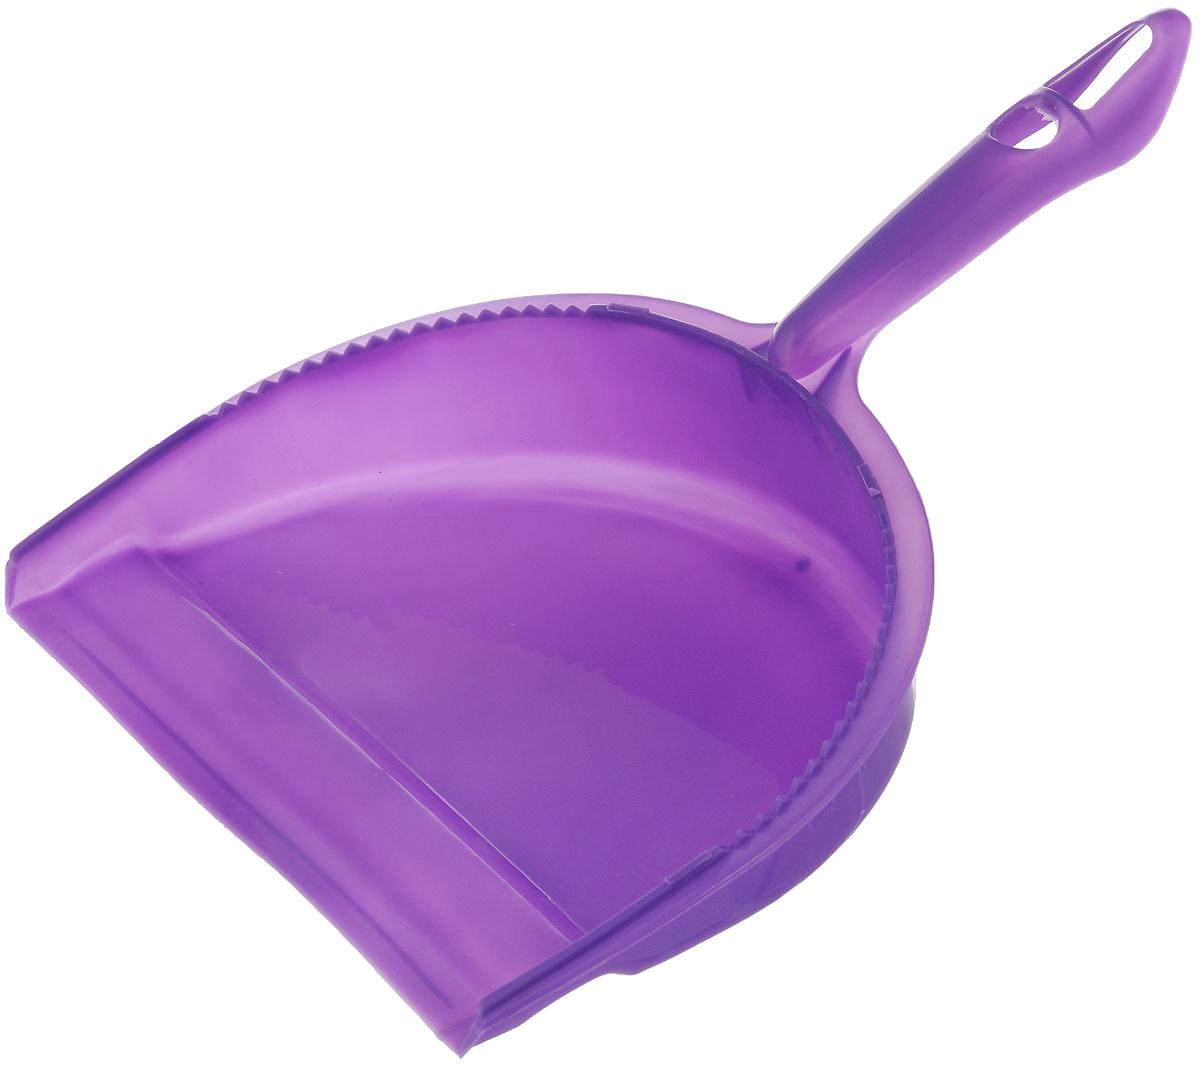 Совок для мусора Фэйт Джокер, цвет: фиолетовый1.4.02.1863Совок Фэйт Джокер предназначен для сбора мусора и пыли при уборке помещений. Он выполнен из прочного пластика и имеет удобную эргономическую ручку. Длина совка: 28,5 см. Ширина совка: 21 см.